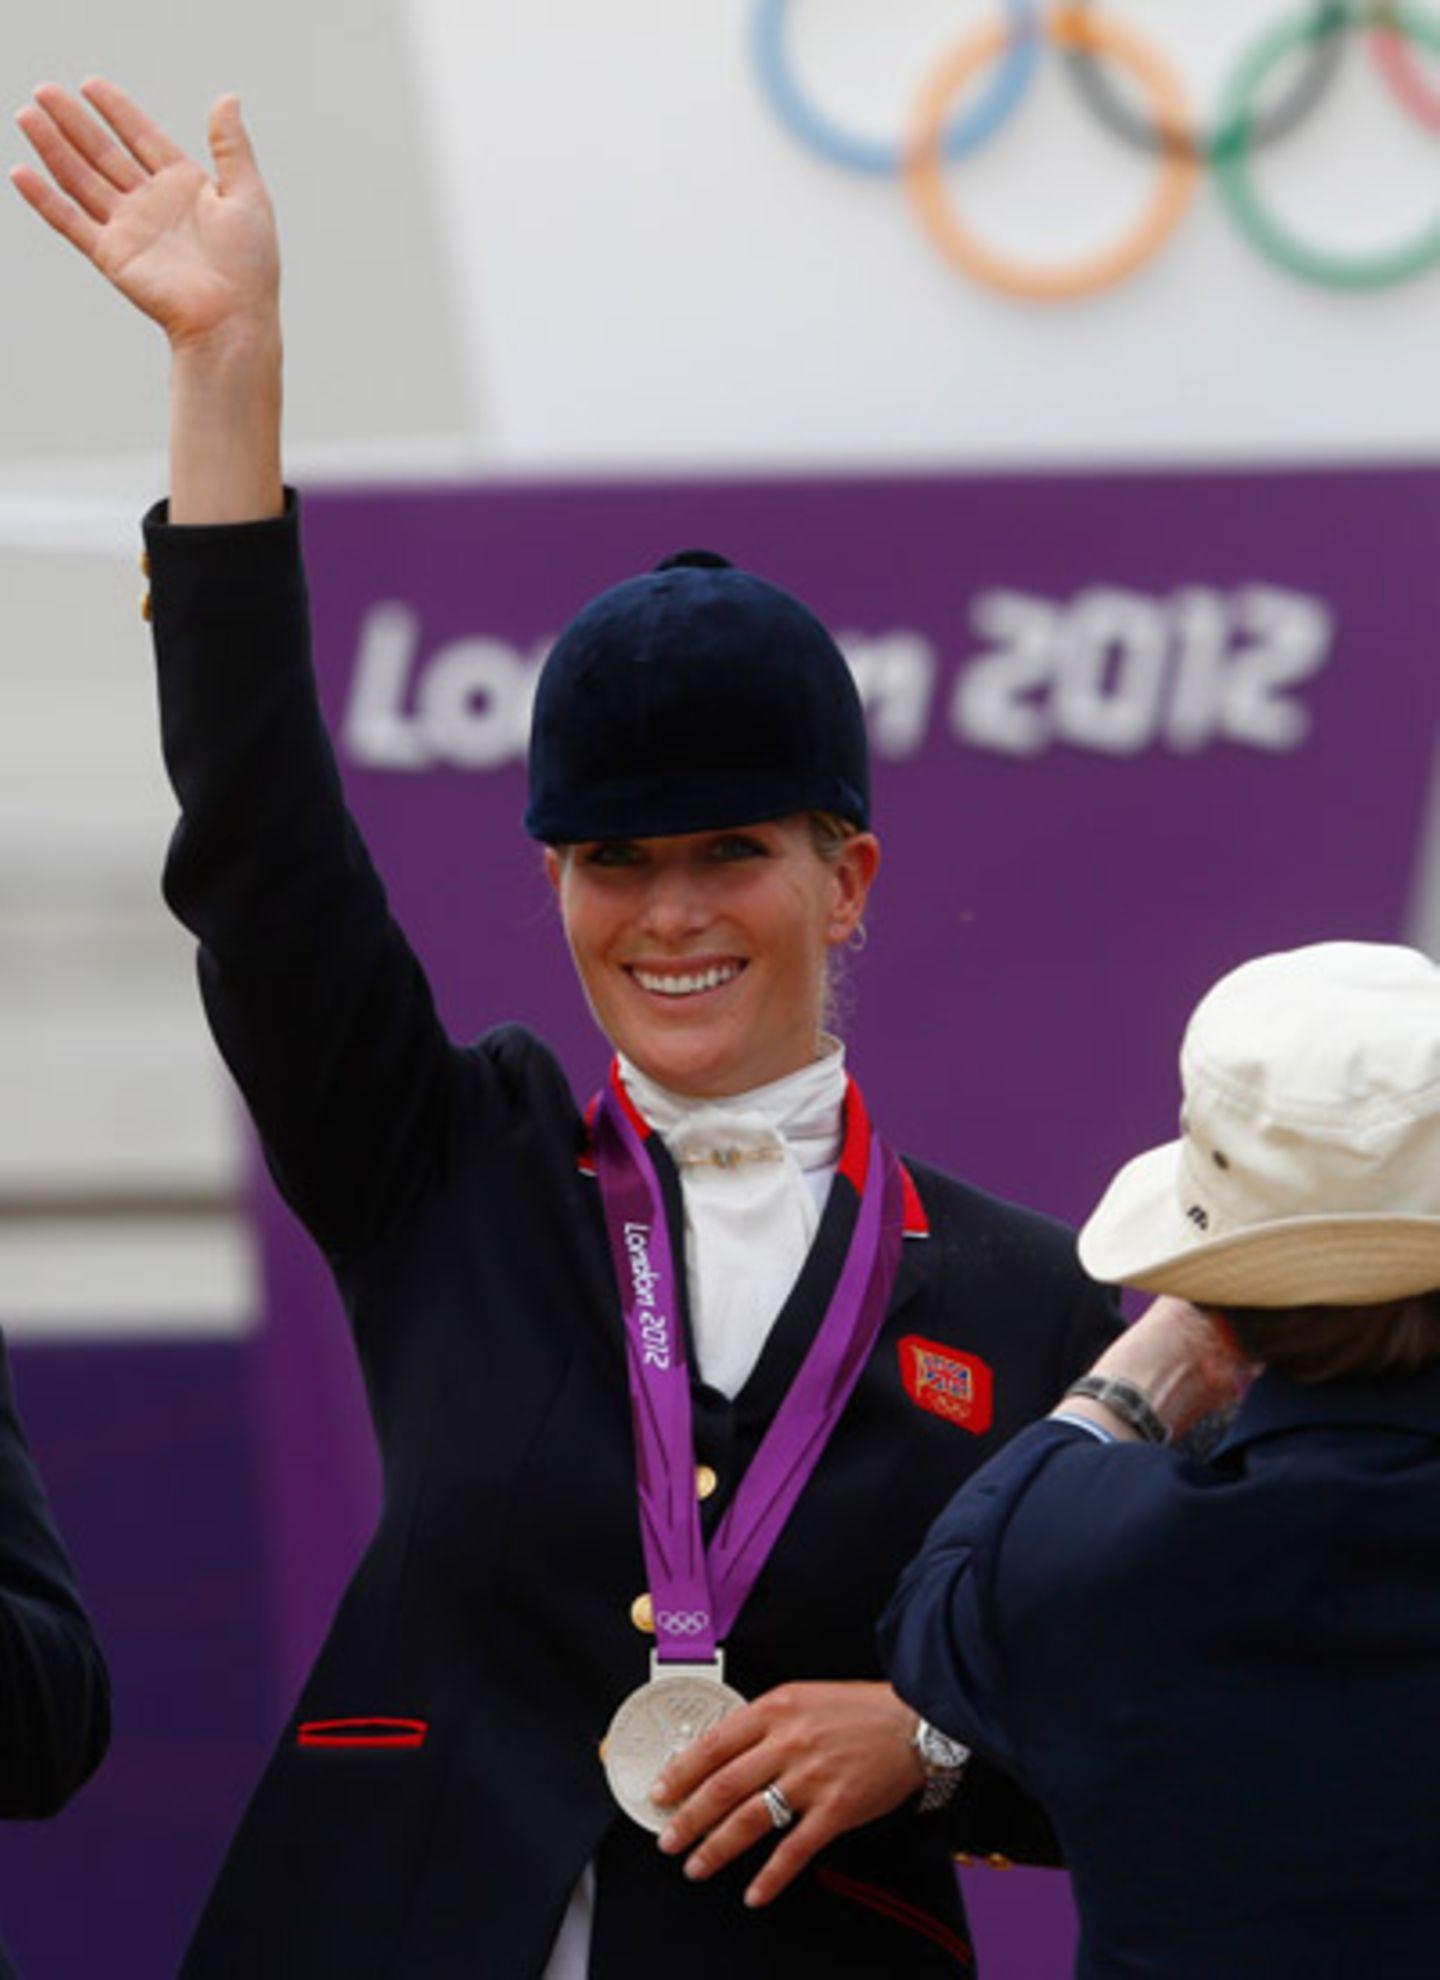 Zara Phillips freut sich über die gewonnene Silbermedaille, die ihre Mutter, Prinzessin Anne, ihr überreicht hat. Das Team Großb